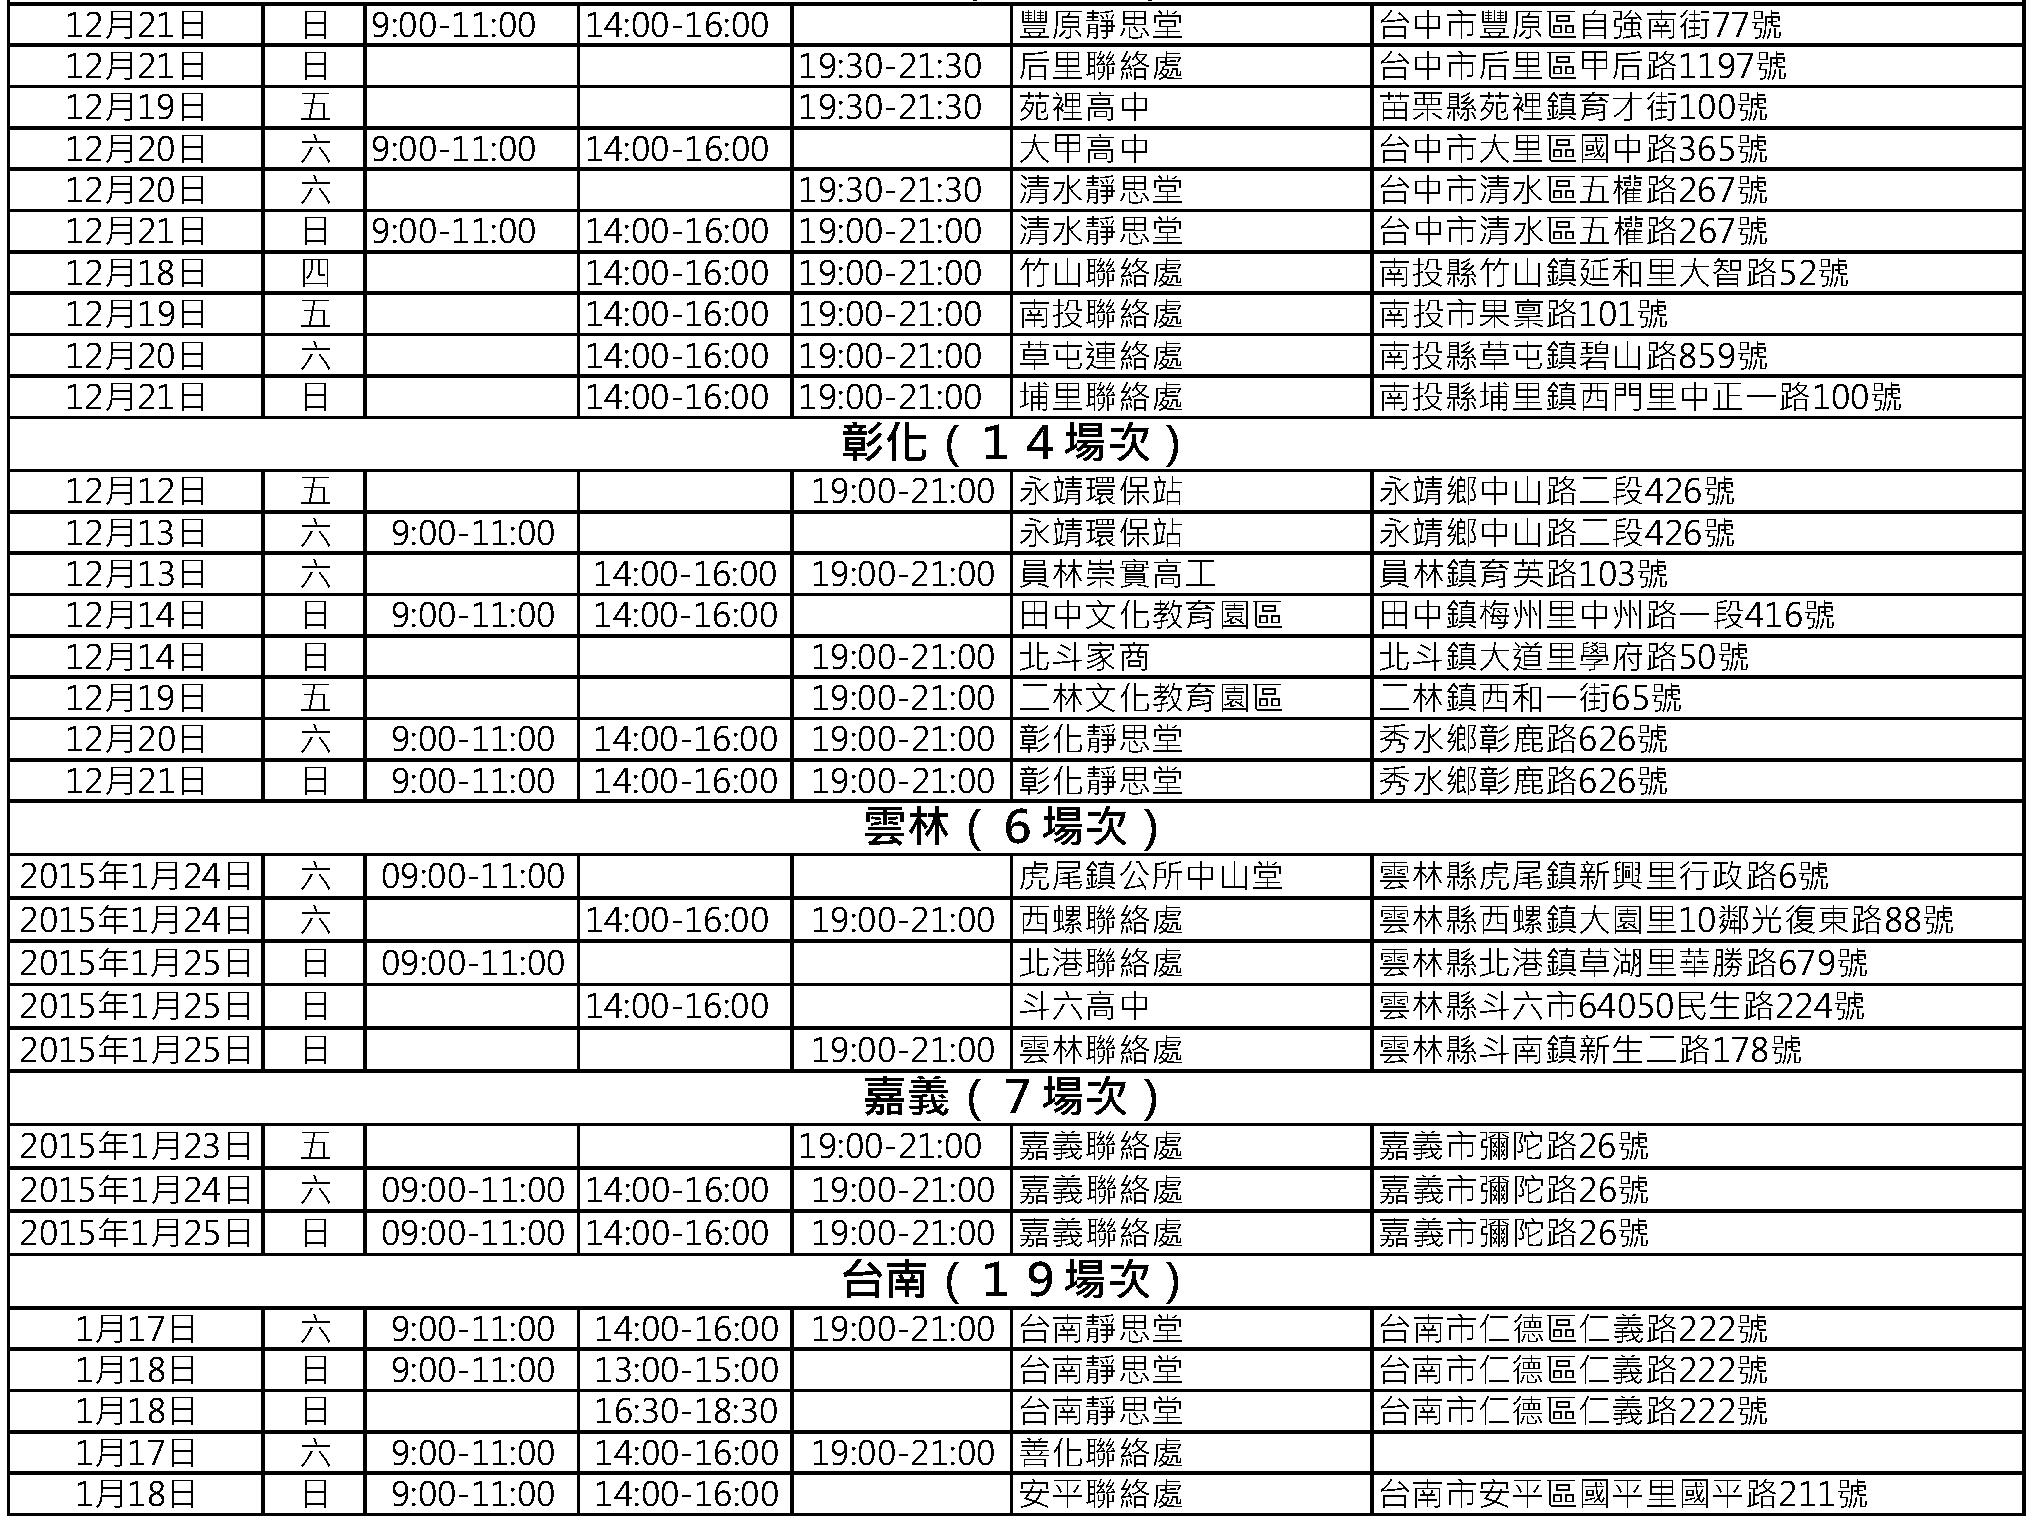 2014年慈濟全省社區歲末祝福場次彙整20141205_頁面_3.png